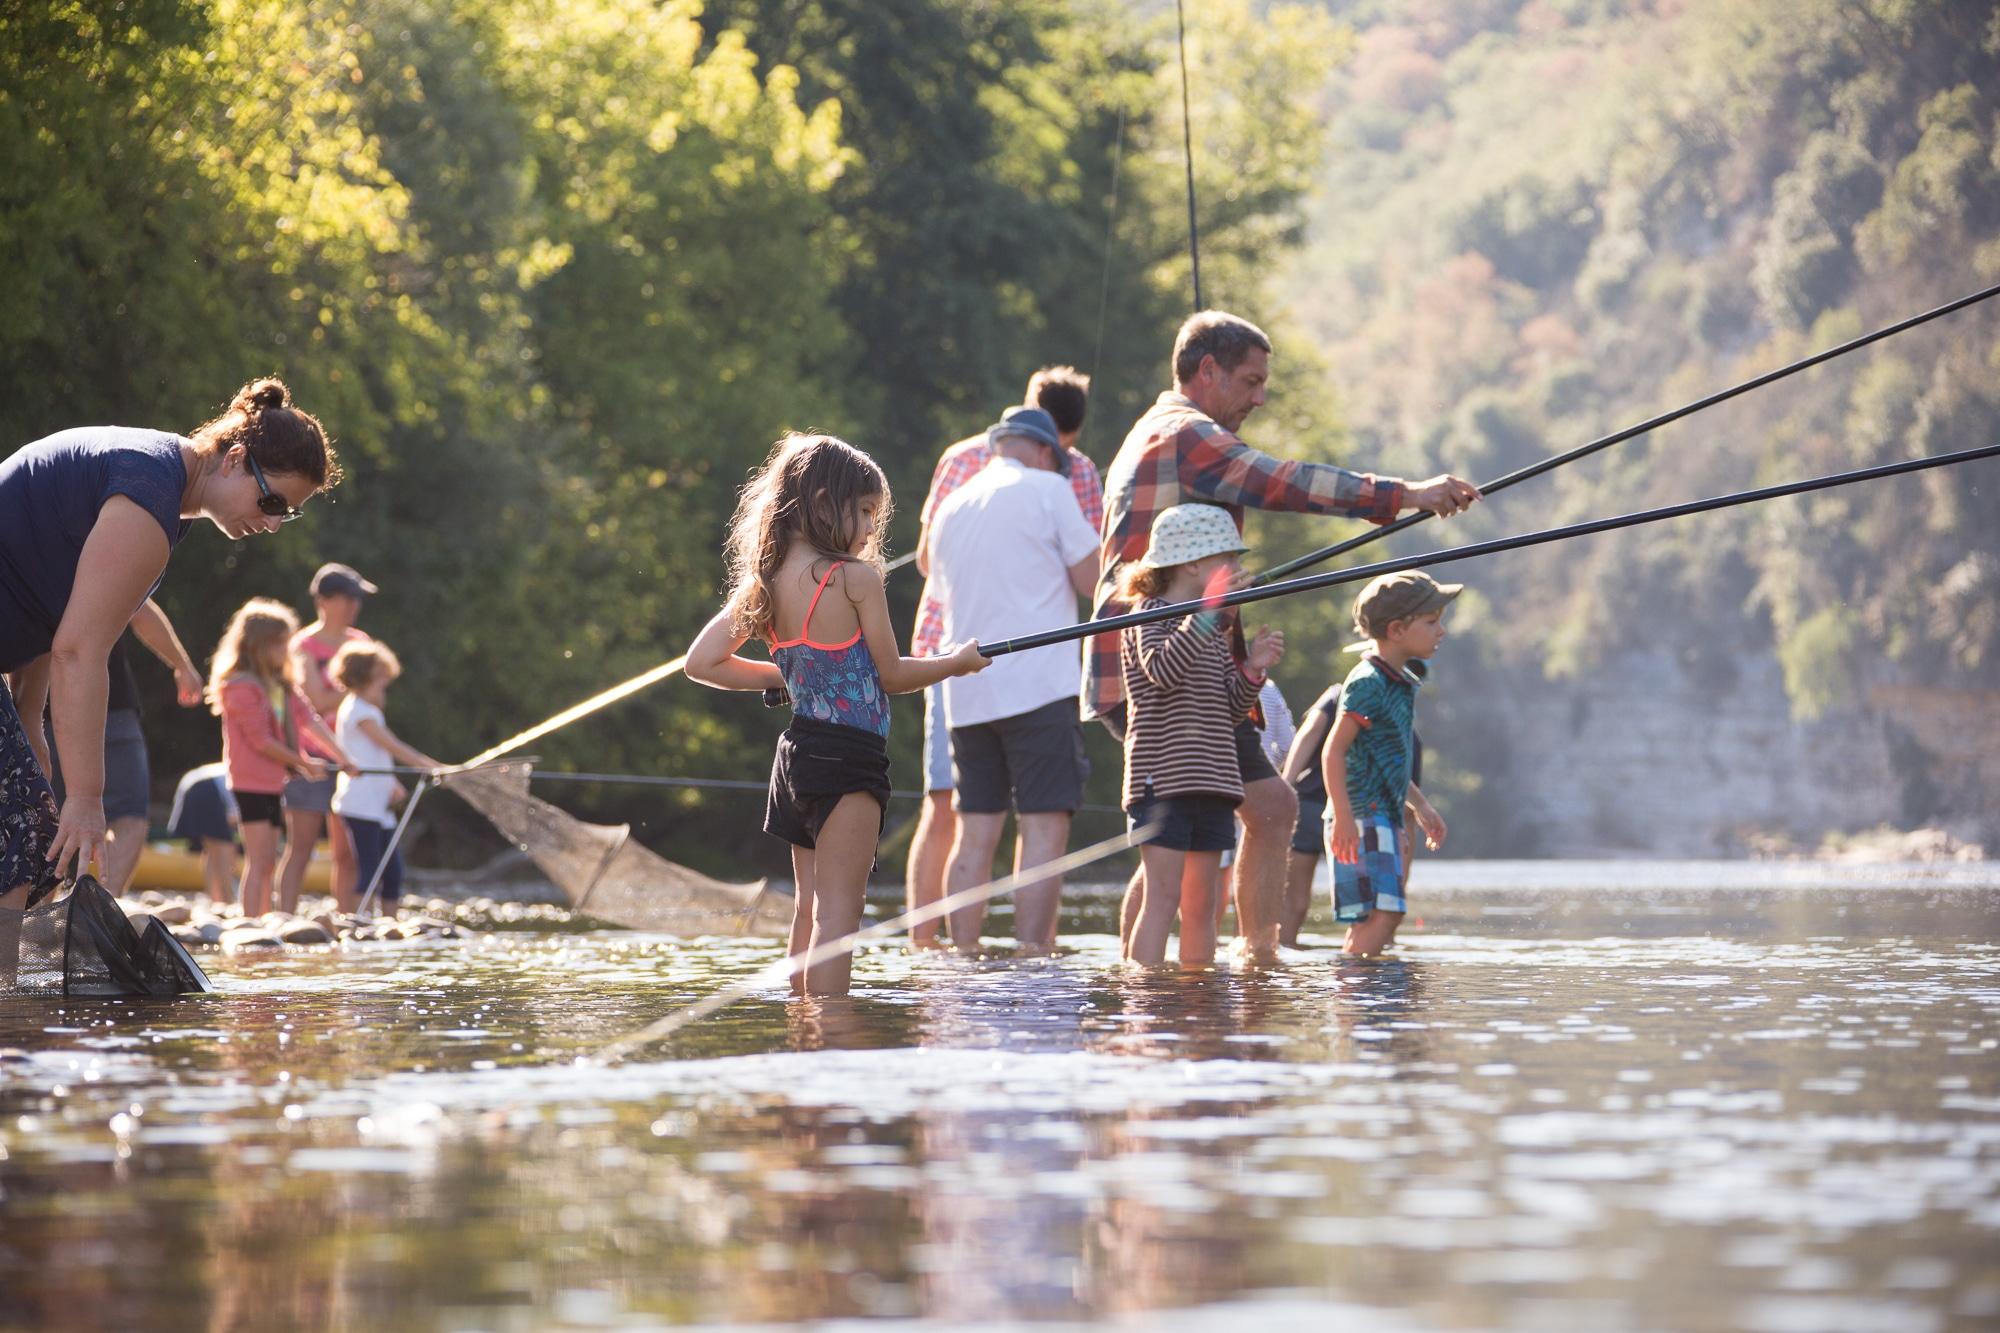 pêche les pieds dans l'eau